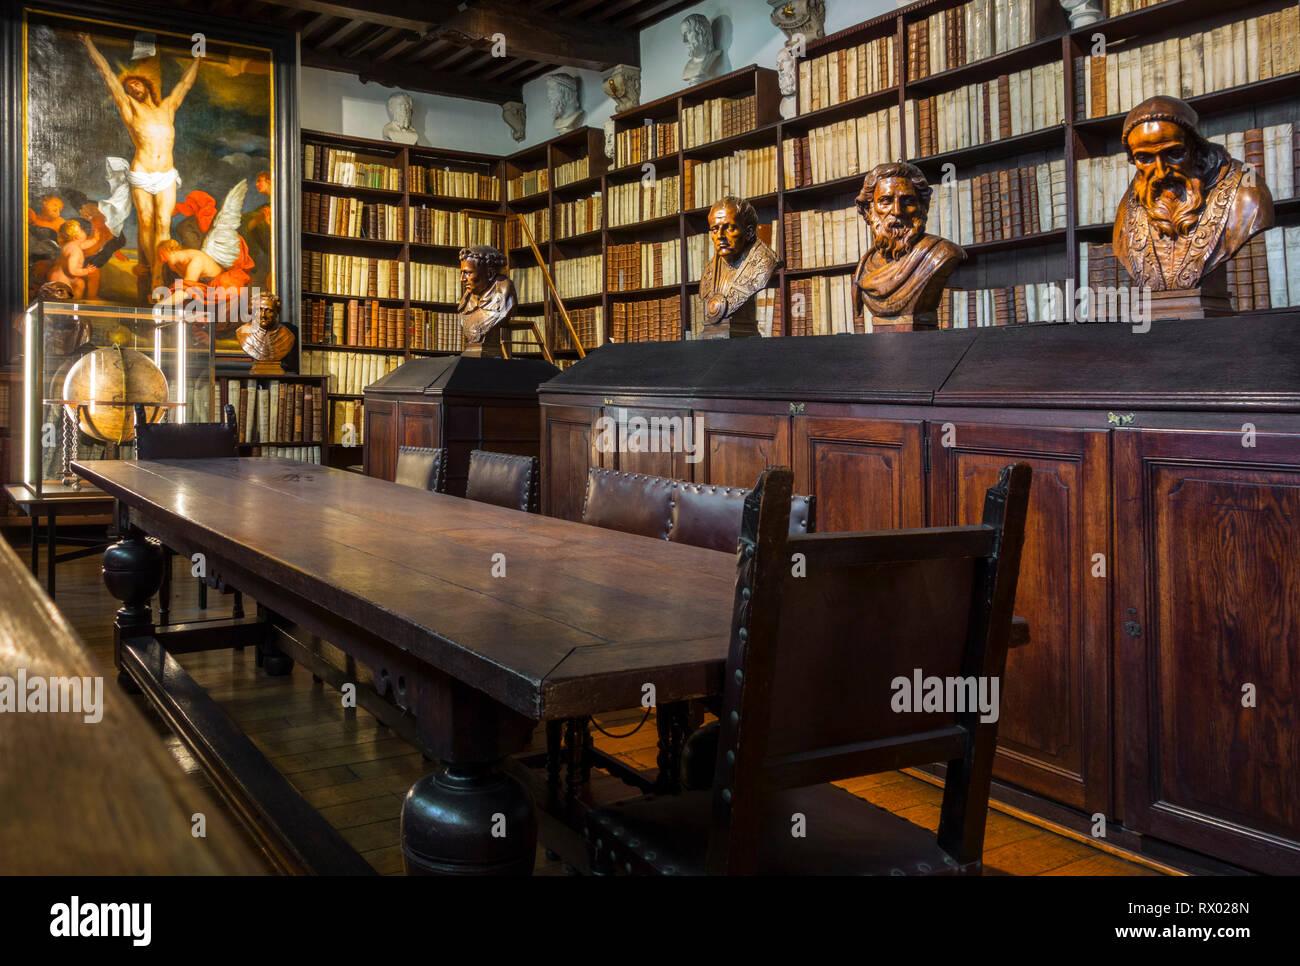 Estanterías con libros antiguos en el siglo XVII, de una gran biblioteca en el Museo Plantin-Moretus / Plantin-Moretusmuseum, Amberes, Flandes, Bélgica Foto de stock